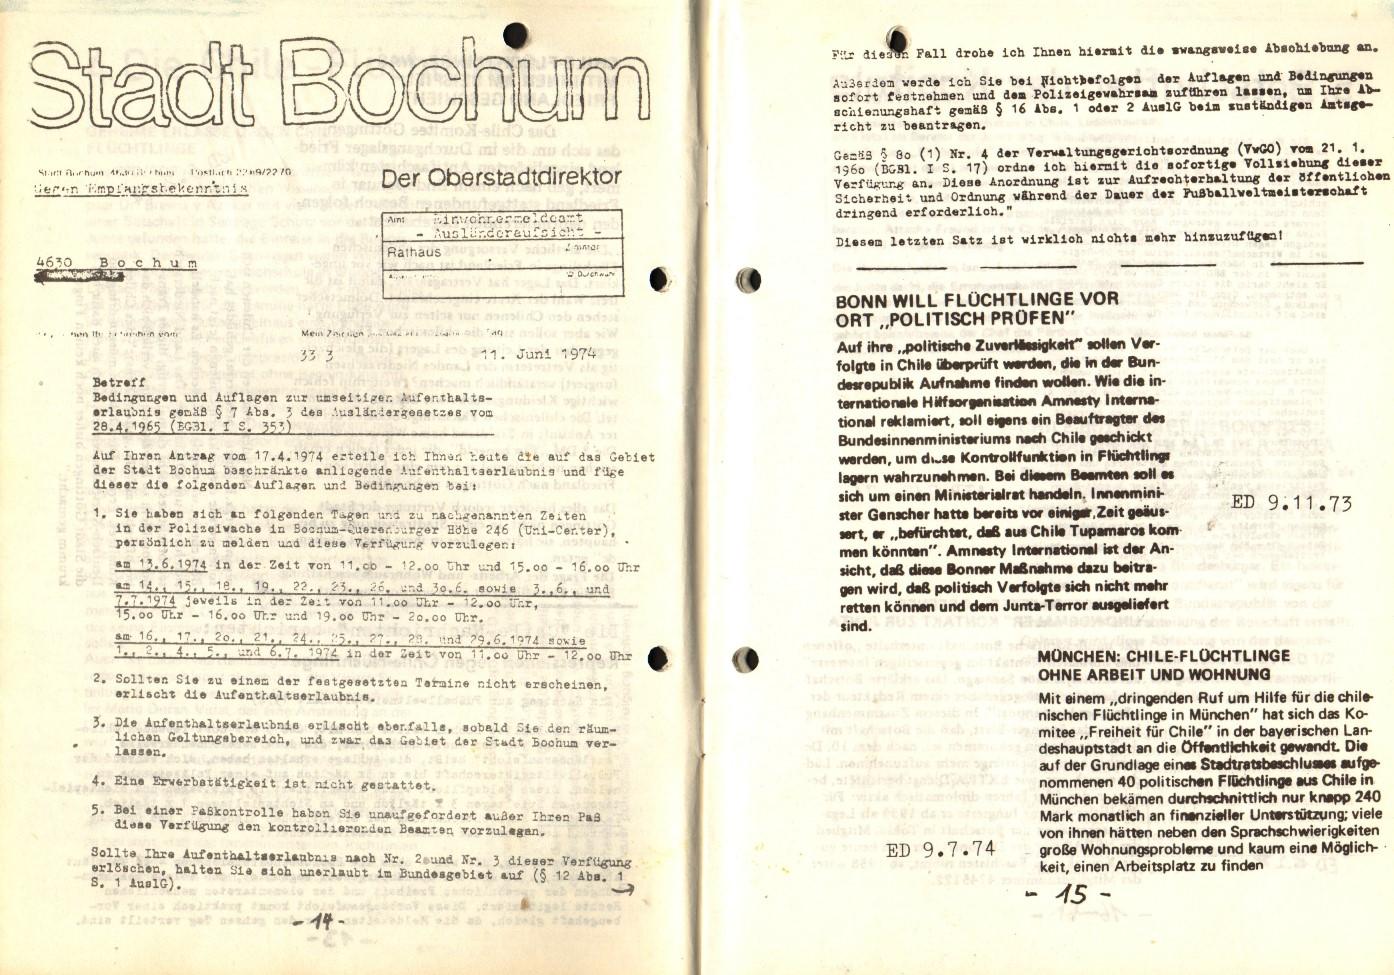 Duisburg_ML_1974_Die_Feinde_des_chilenischen_Volkes_08